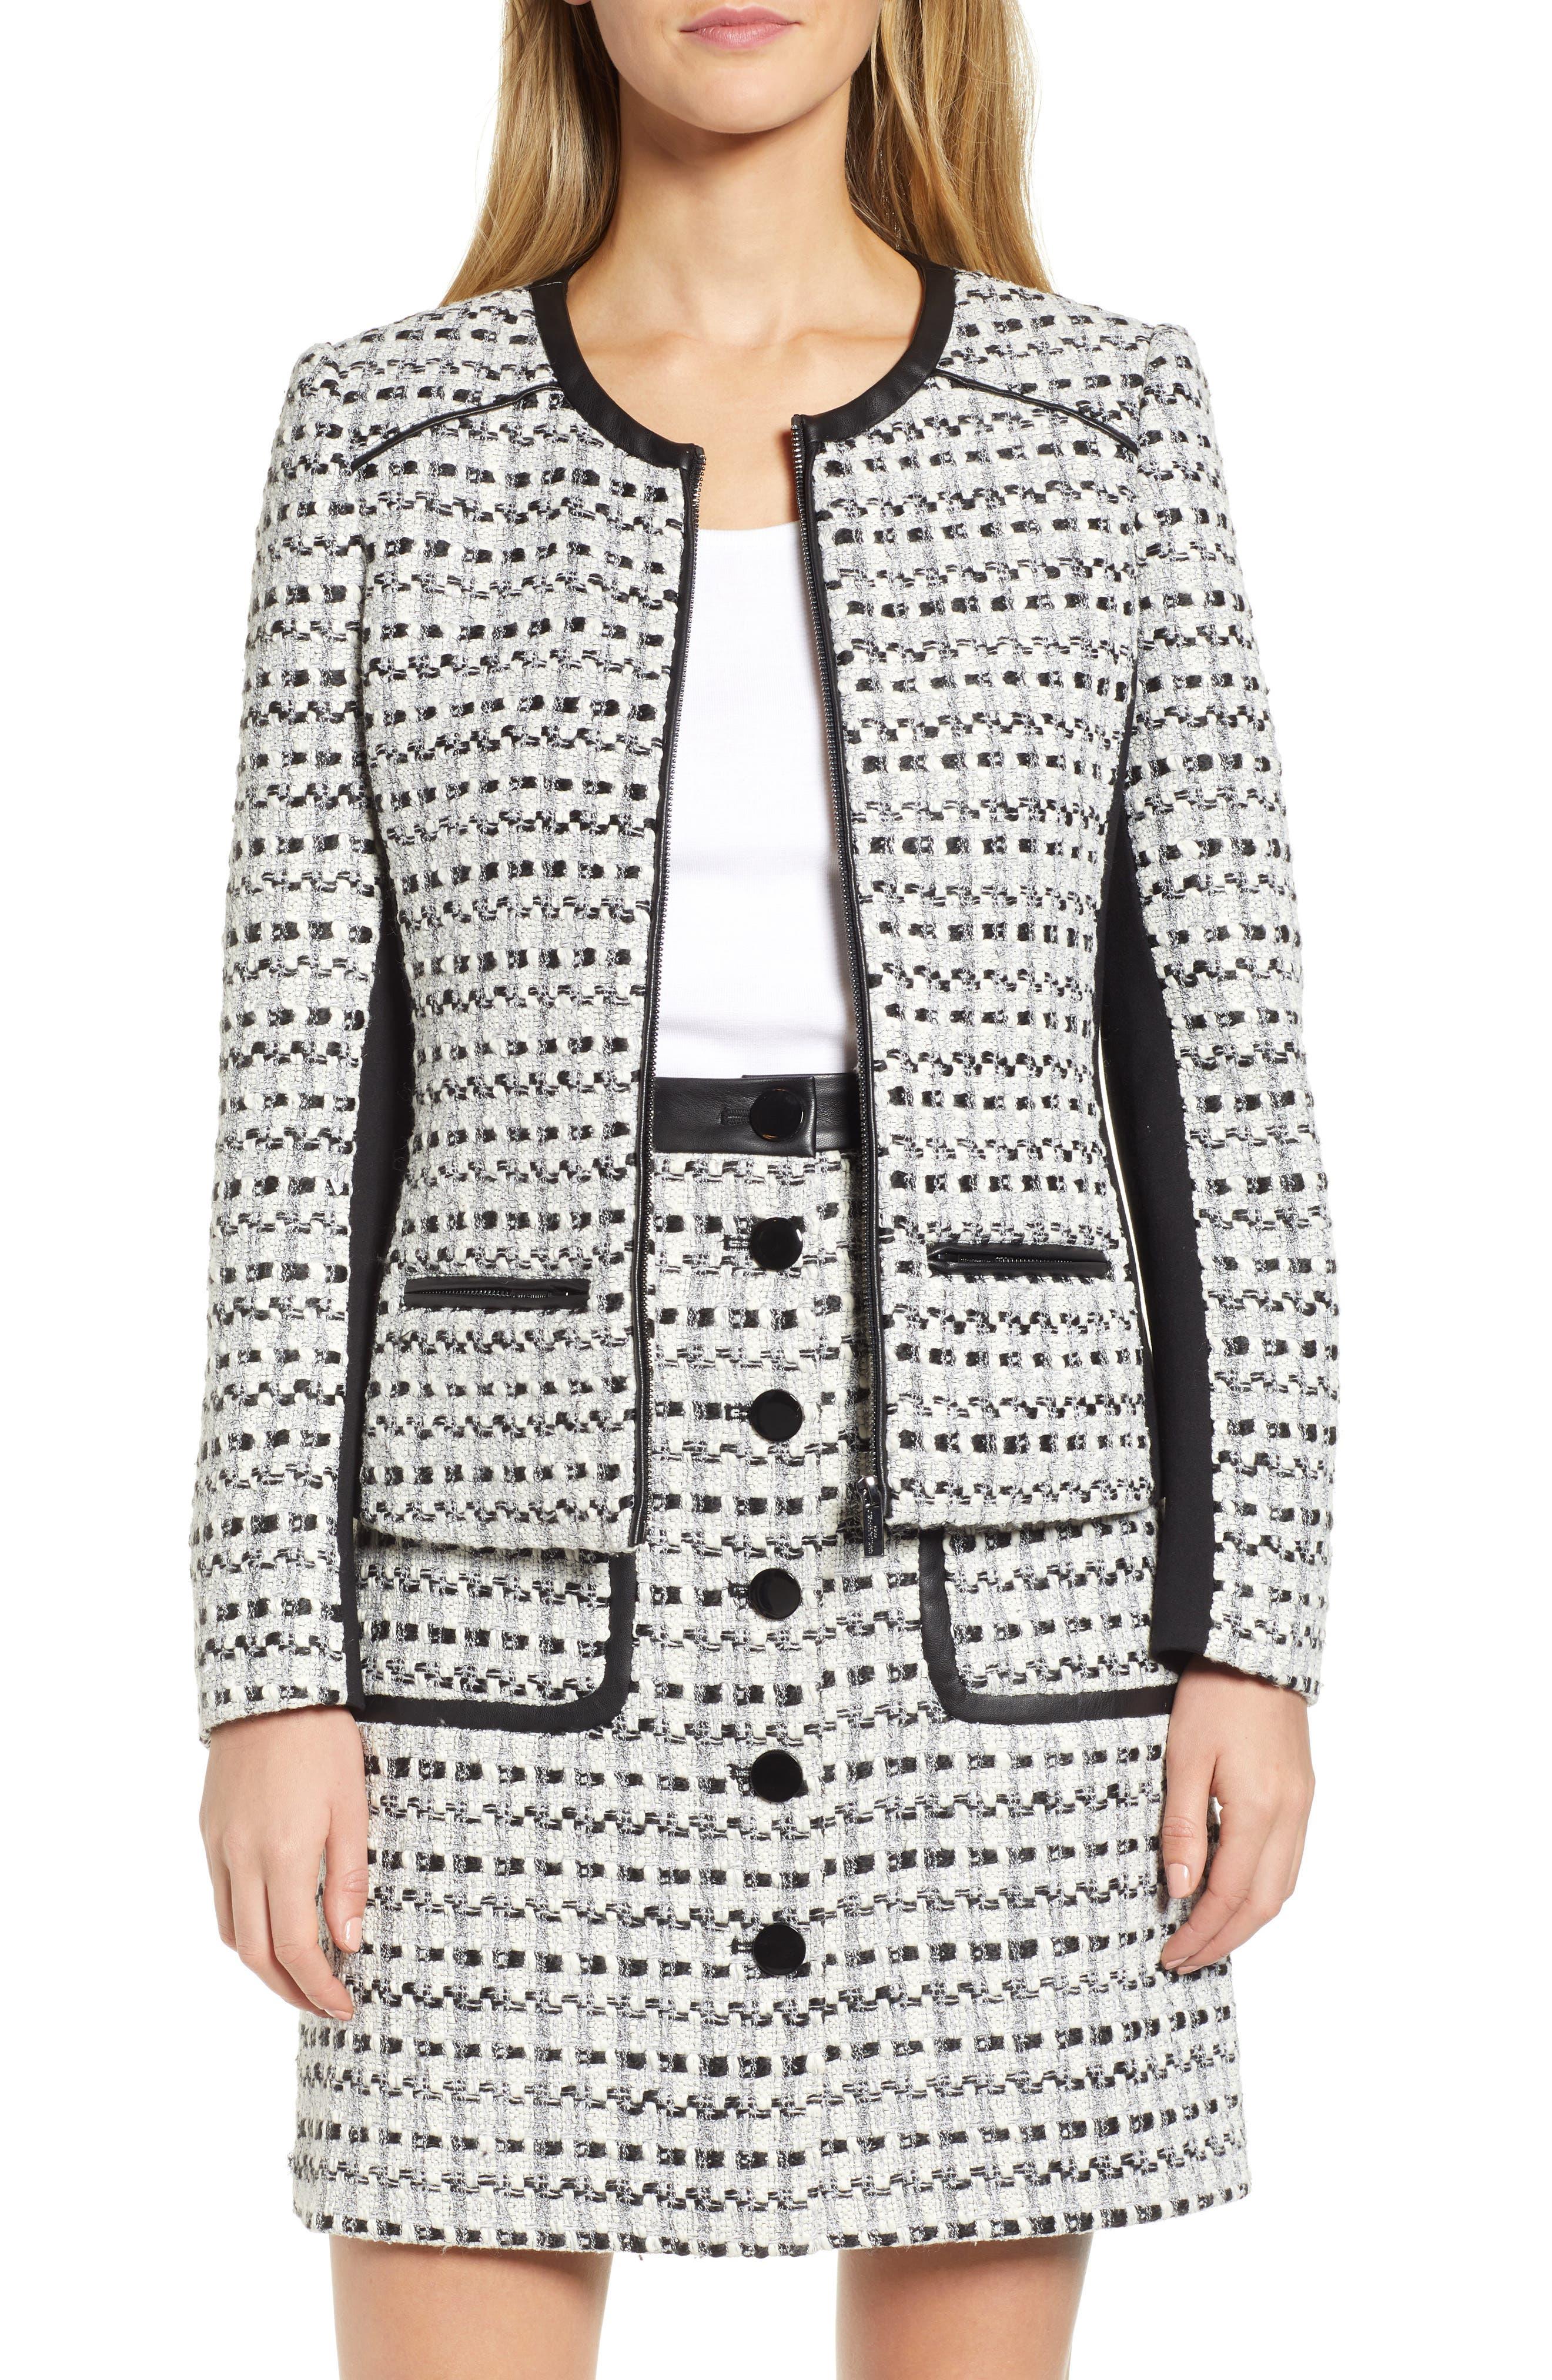 KARL LAGERFELD Contrast Panel Tweed Jacket in White/ Black